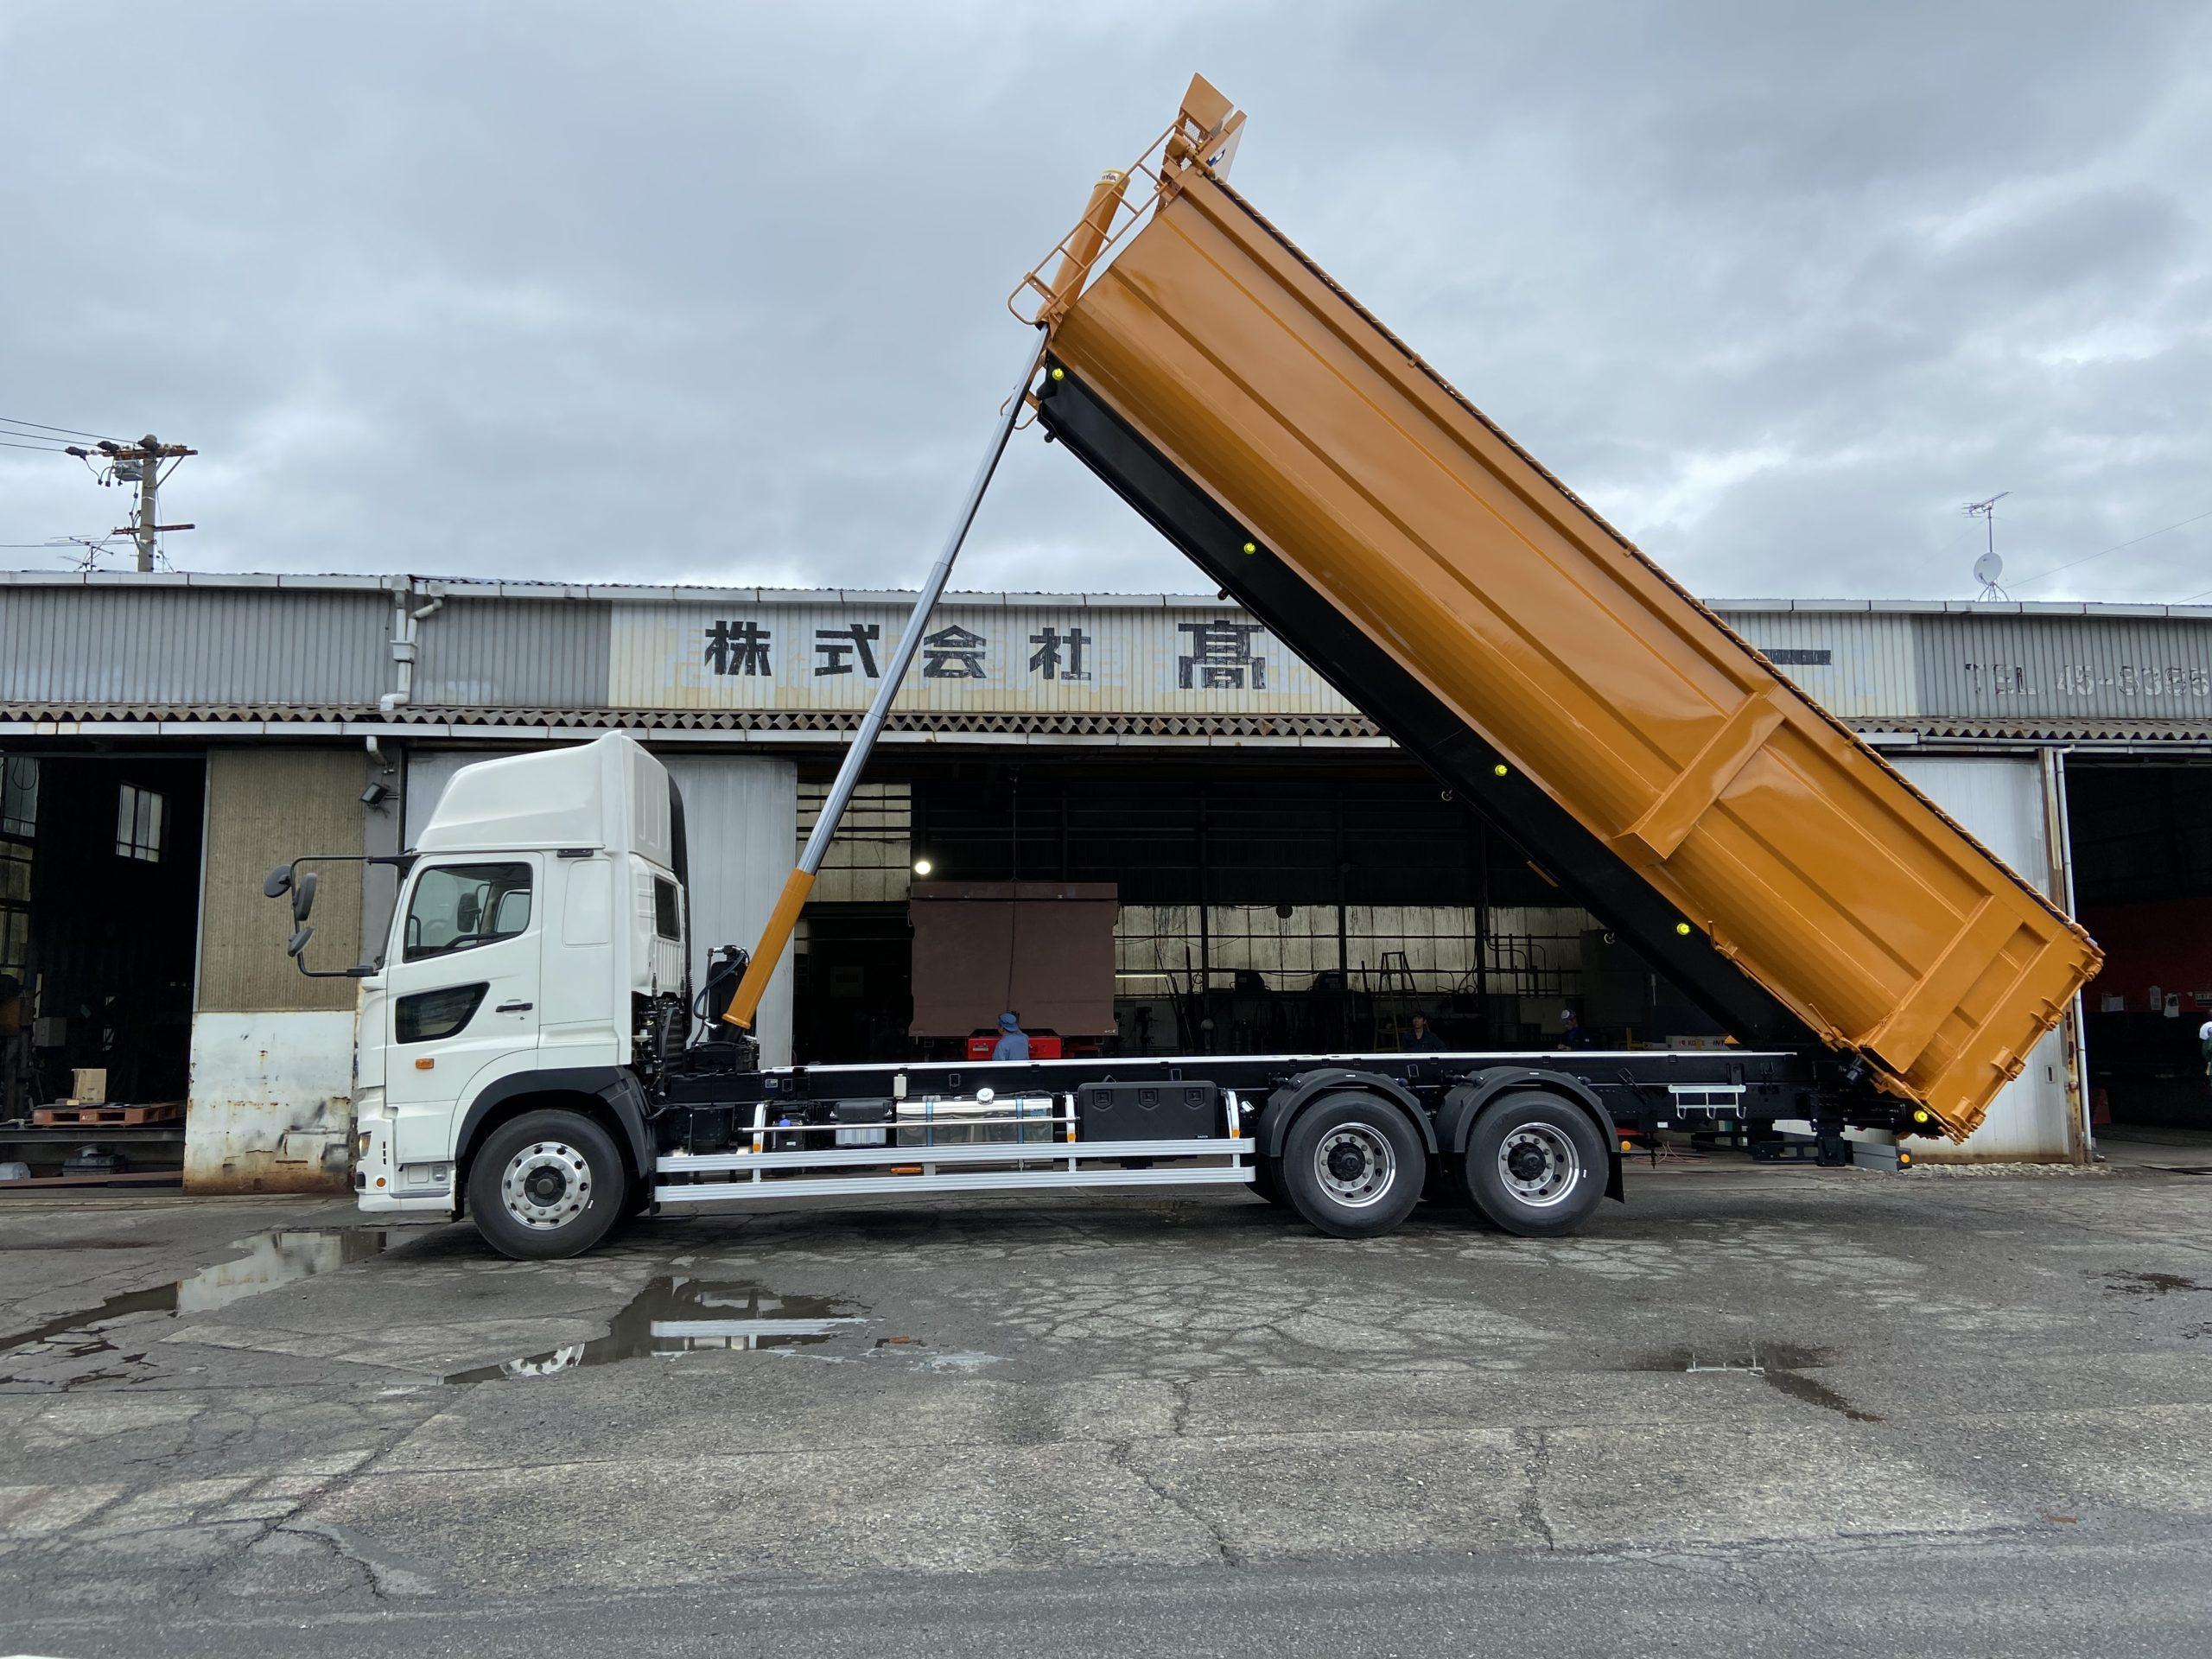 産業廃棄物運搬車両